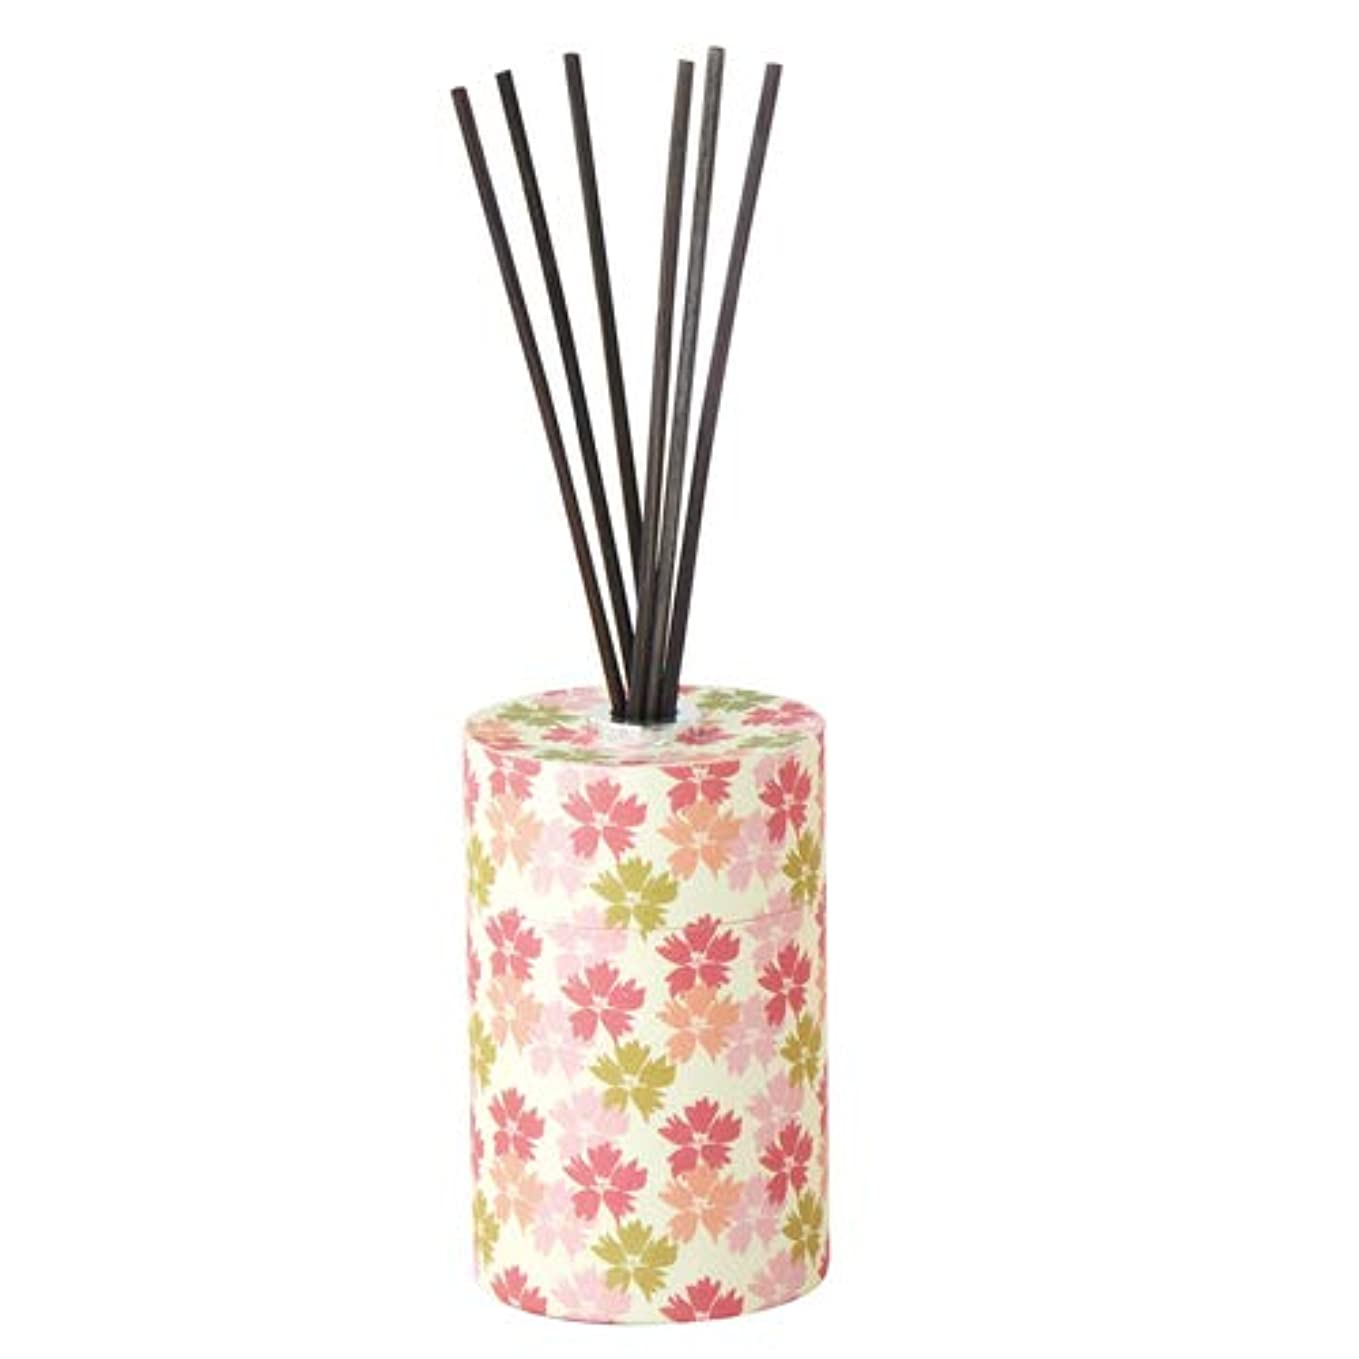 行く爆風爆風和遊ディフューザー 桜の香り 1個